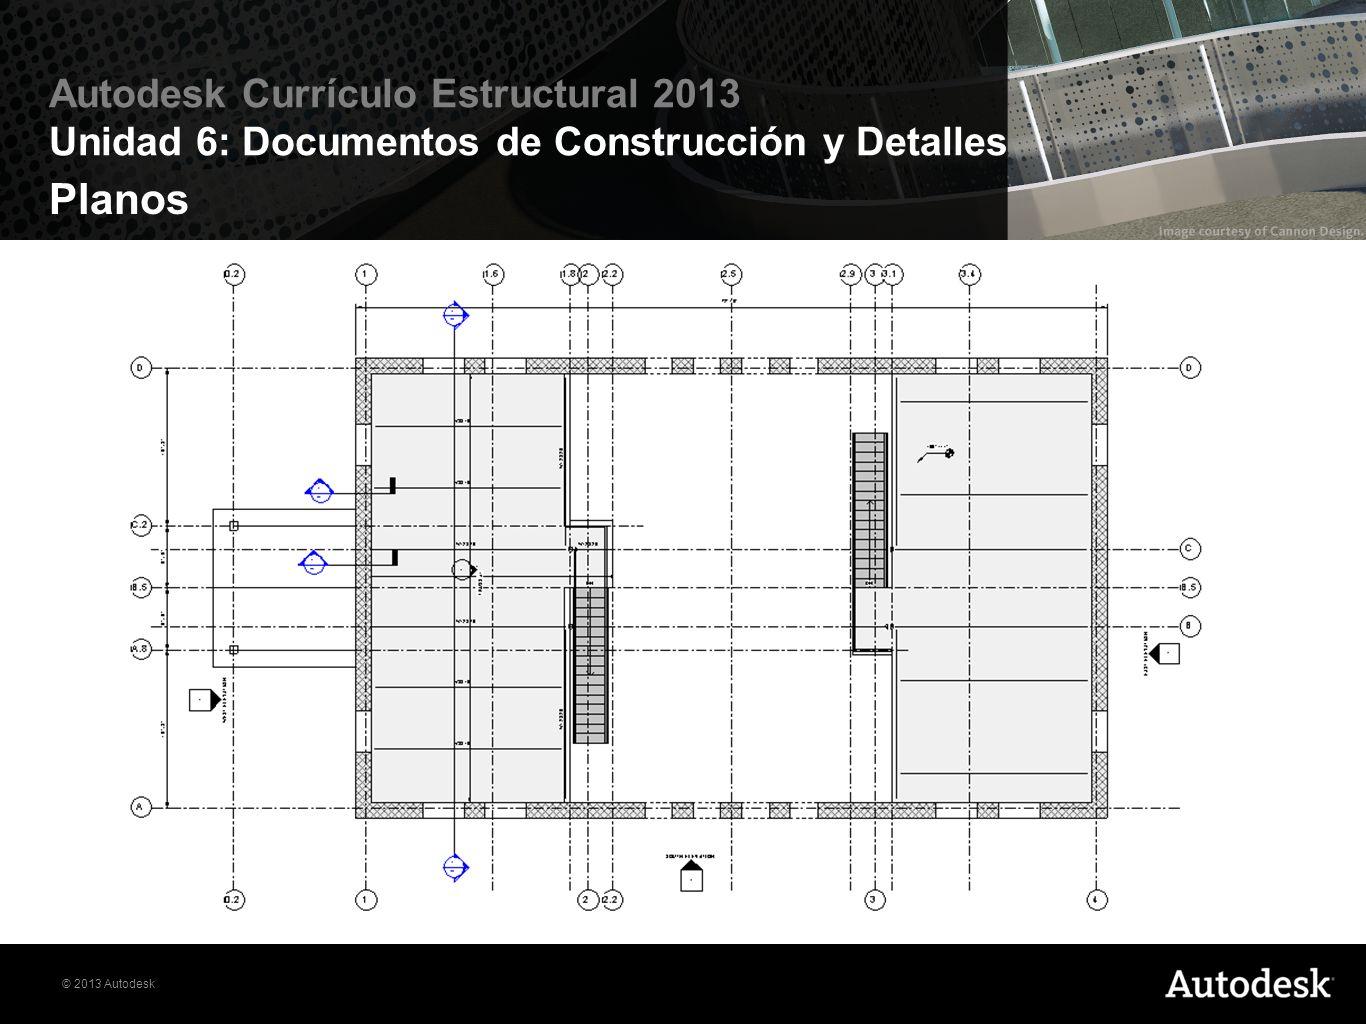 © 2013 Autodesk Autodesk Currículo Estructural 2013 Unidad 6: Documentos de Construcción y Detalles Planos